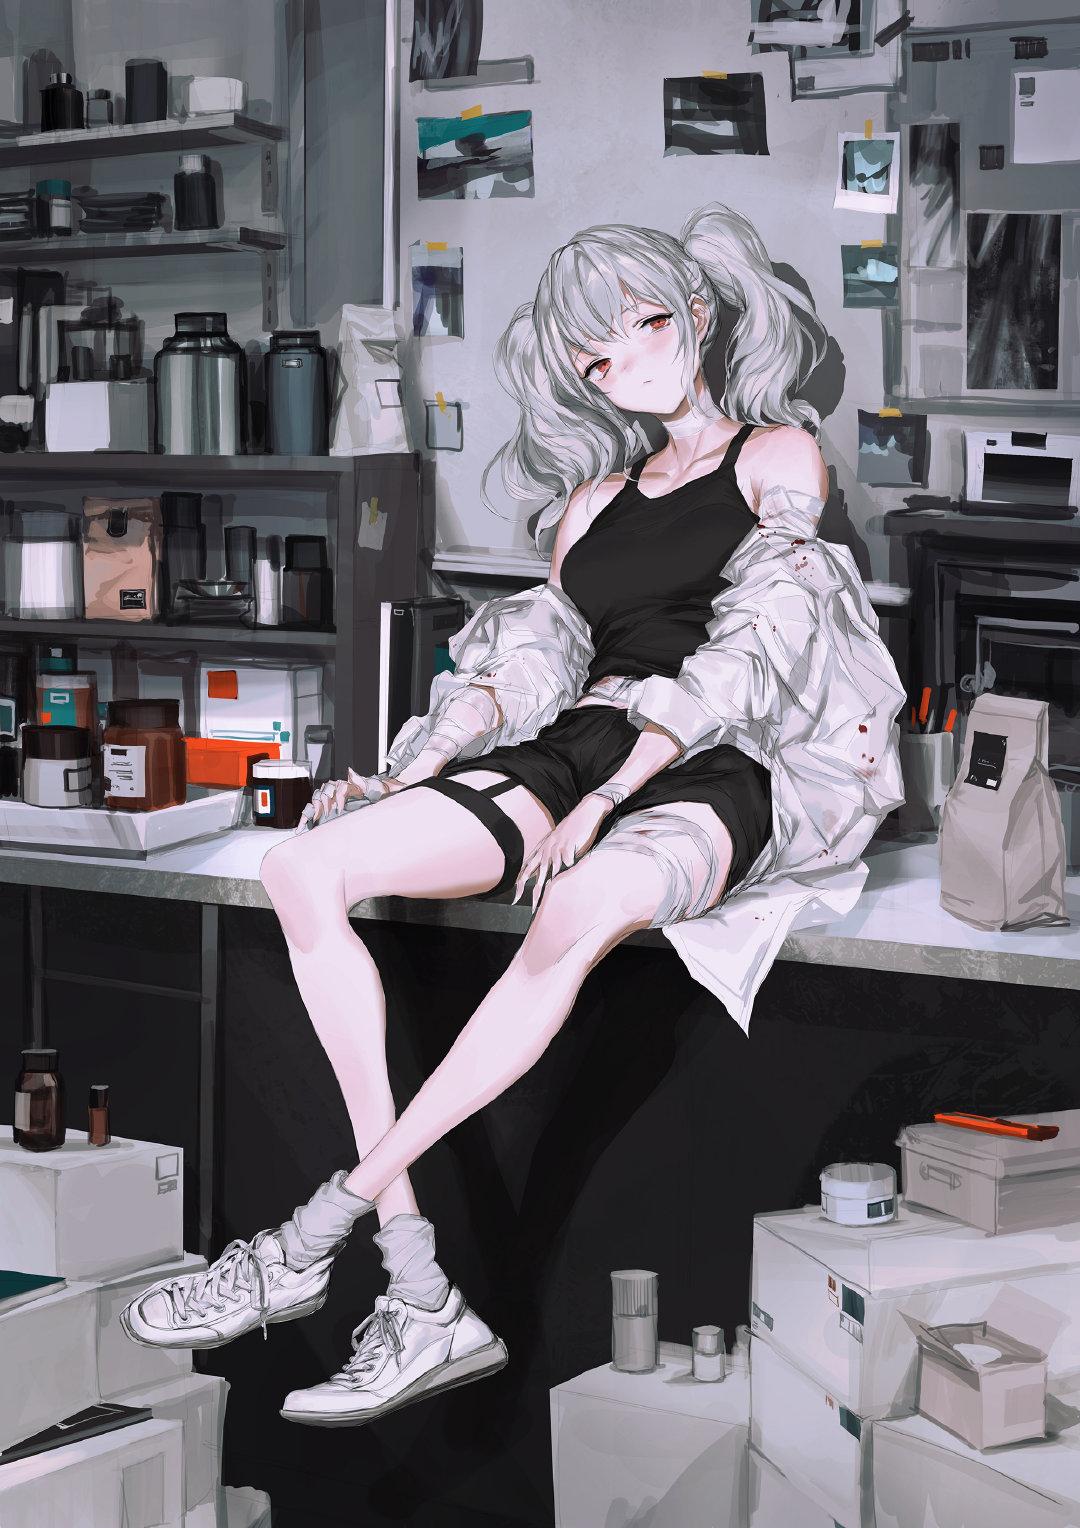 P站日本画师LM7插画下载